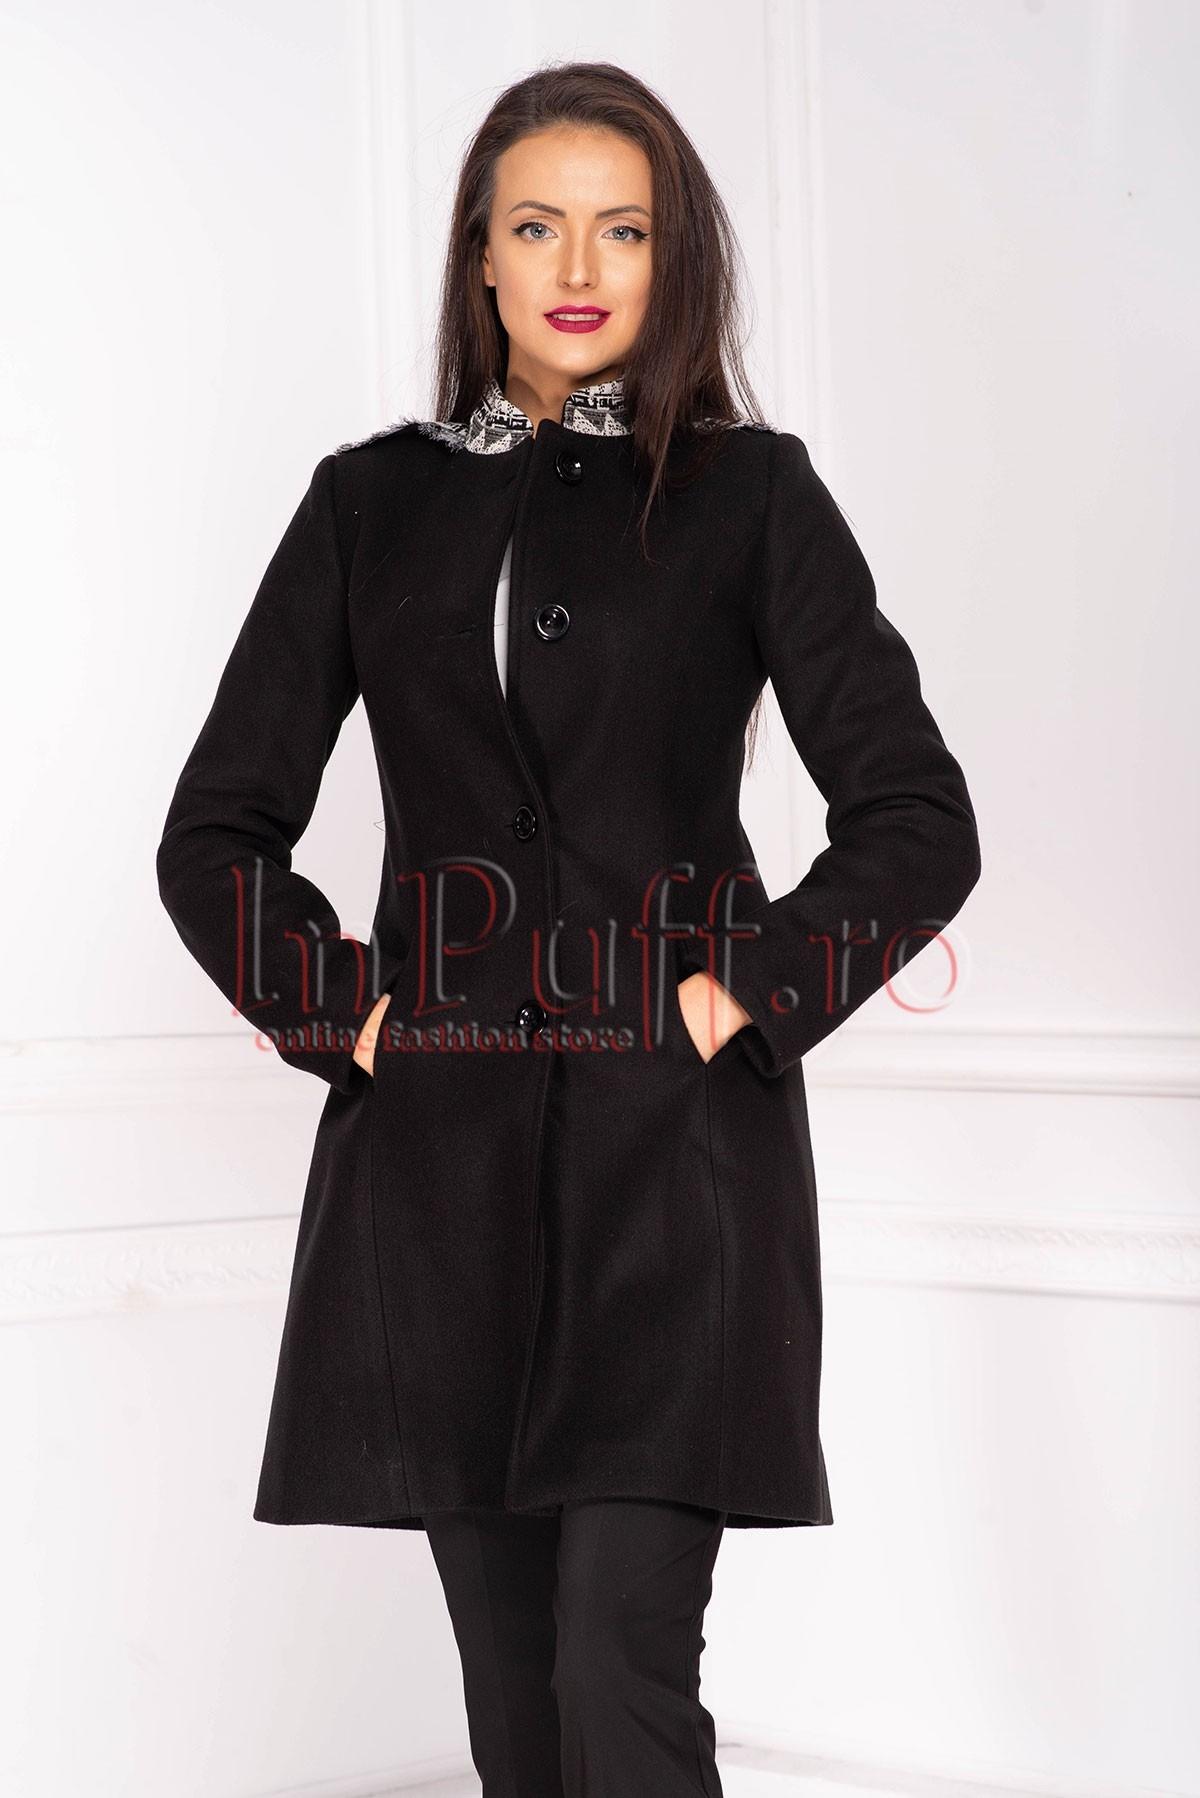 Palton dama Moze negru cambrat din stofa cu buzunare integrate in cusatura si aplicatii la umeri si guler